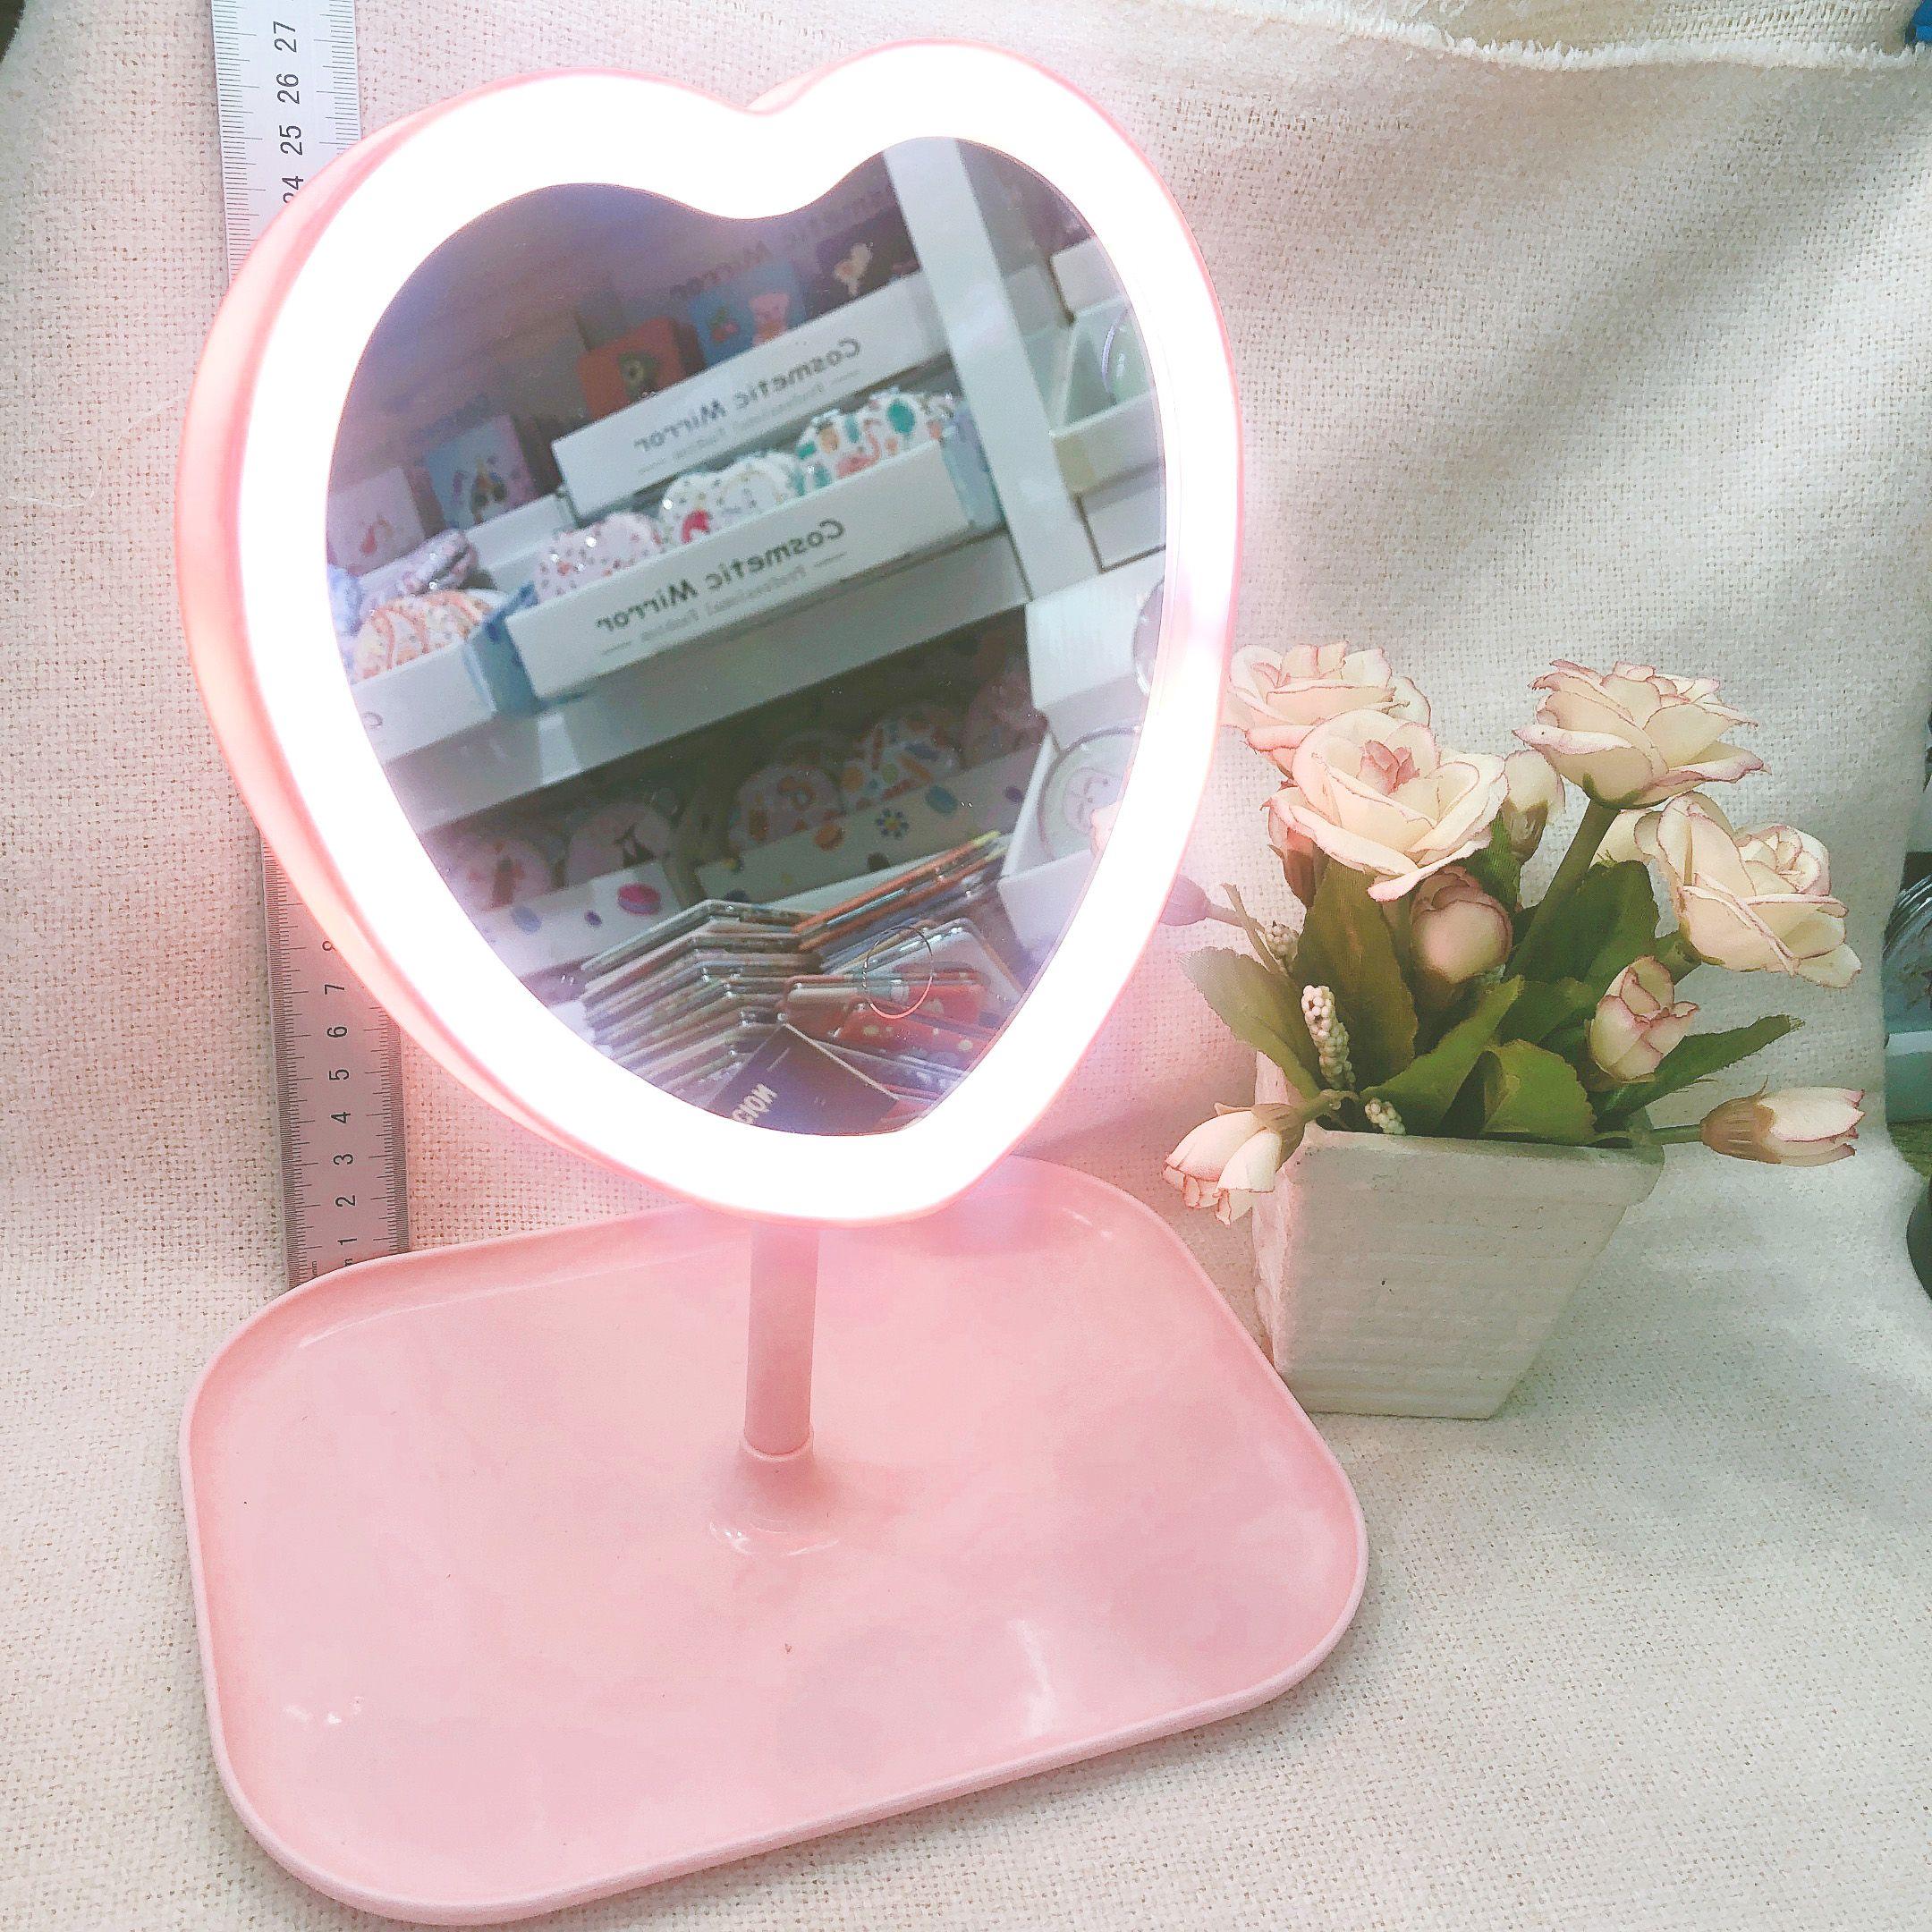 aed轻欧化妆镜子 桌面折叠化妆镜 带灯补光台式梳妆镜学生台镜